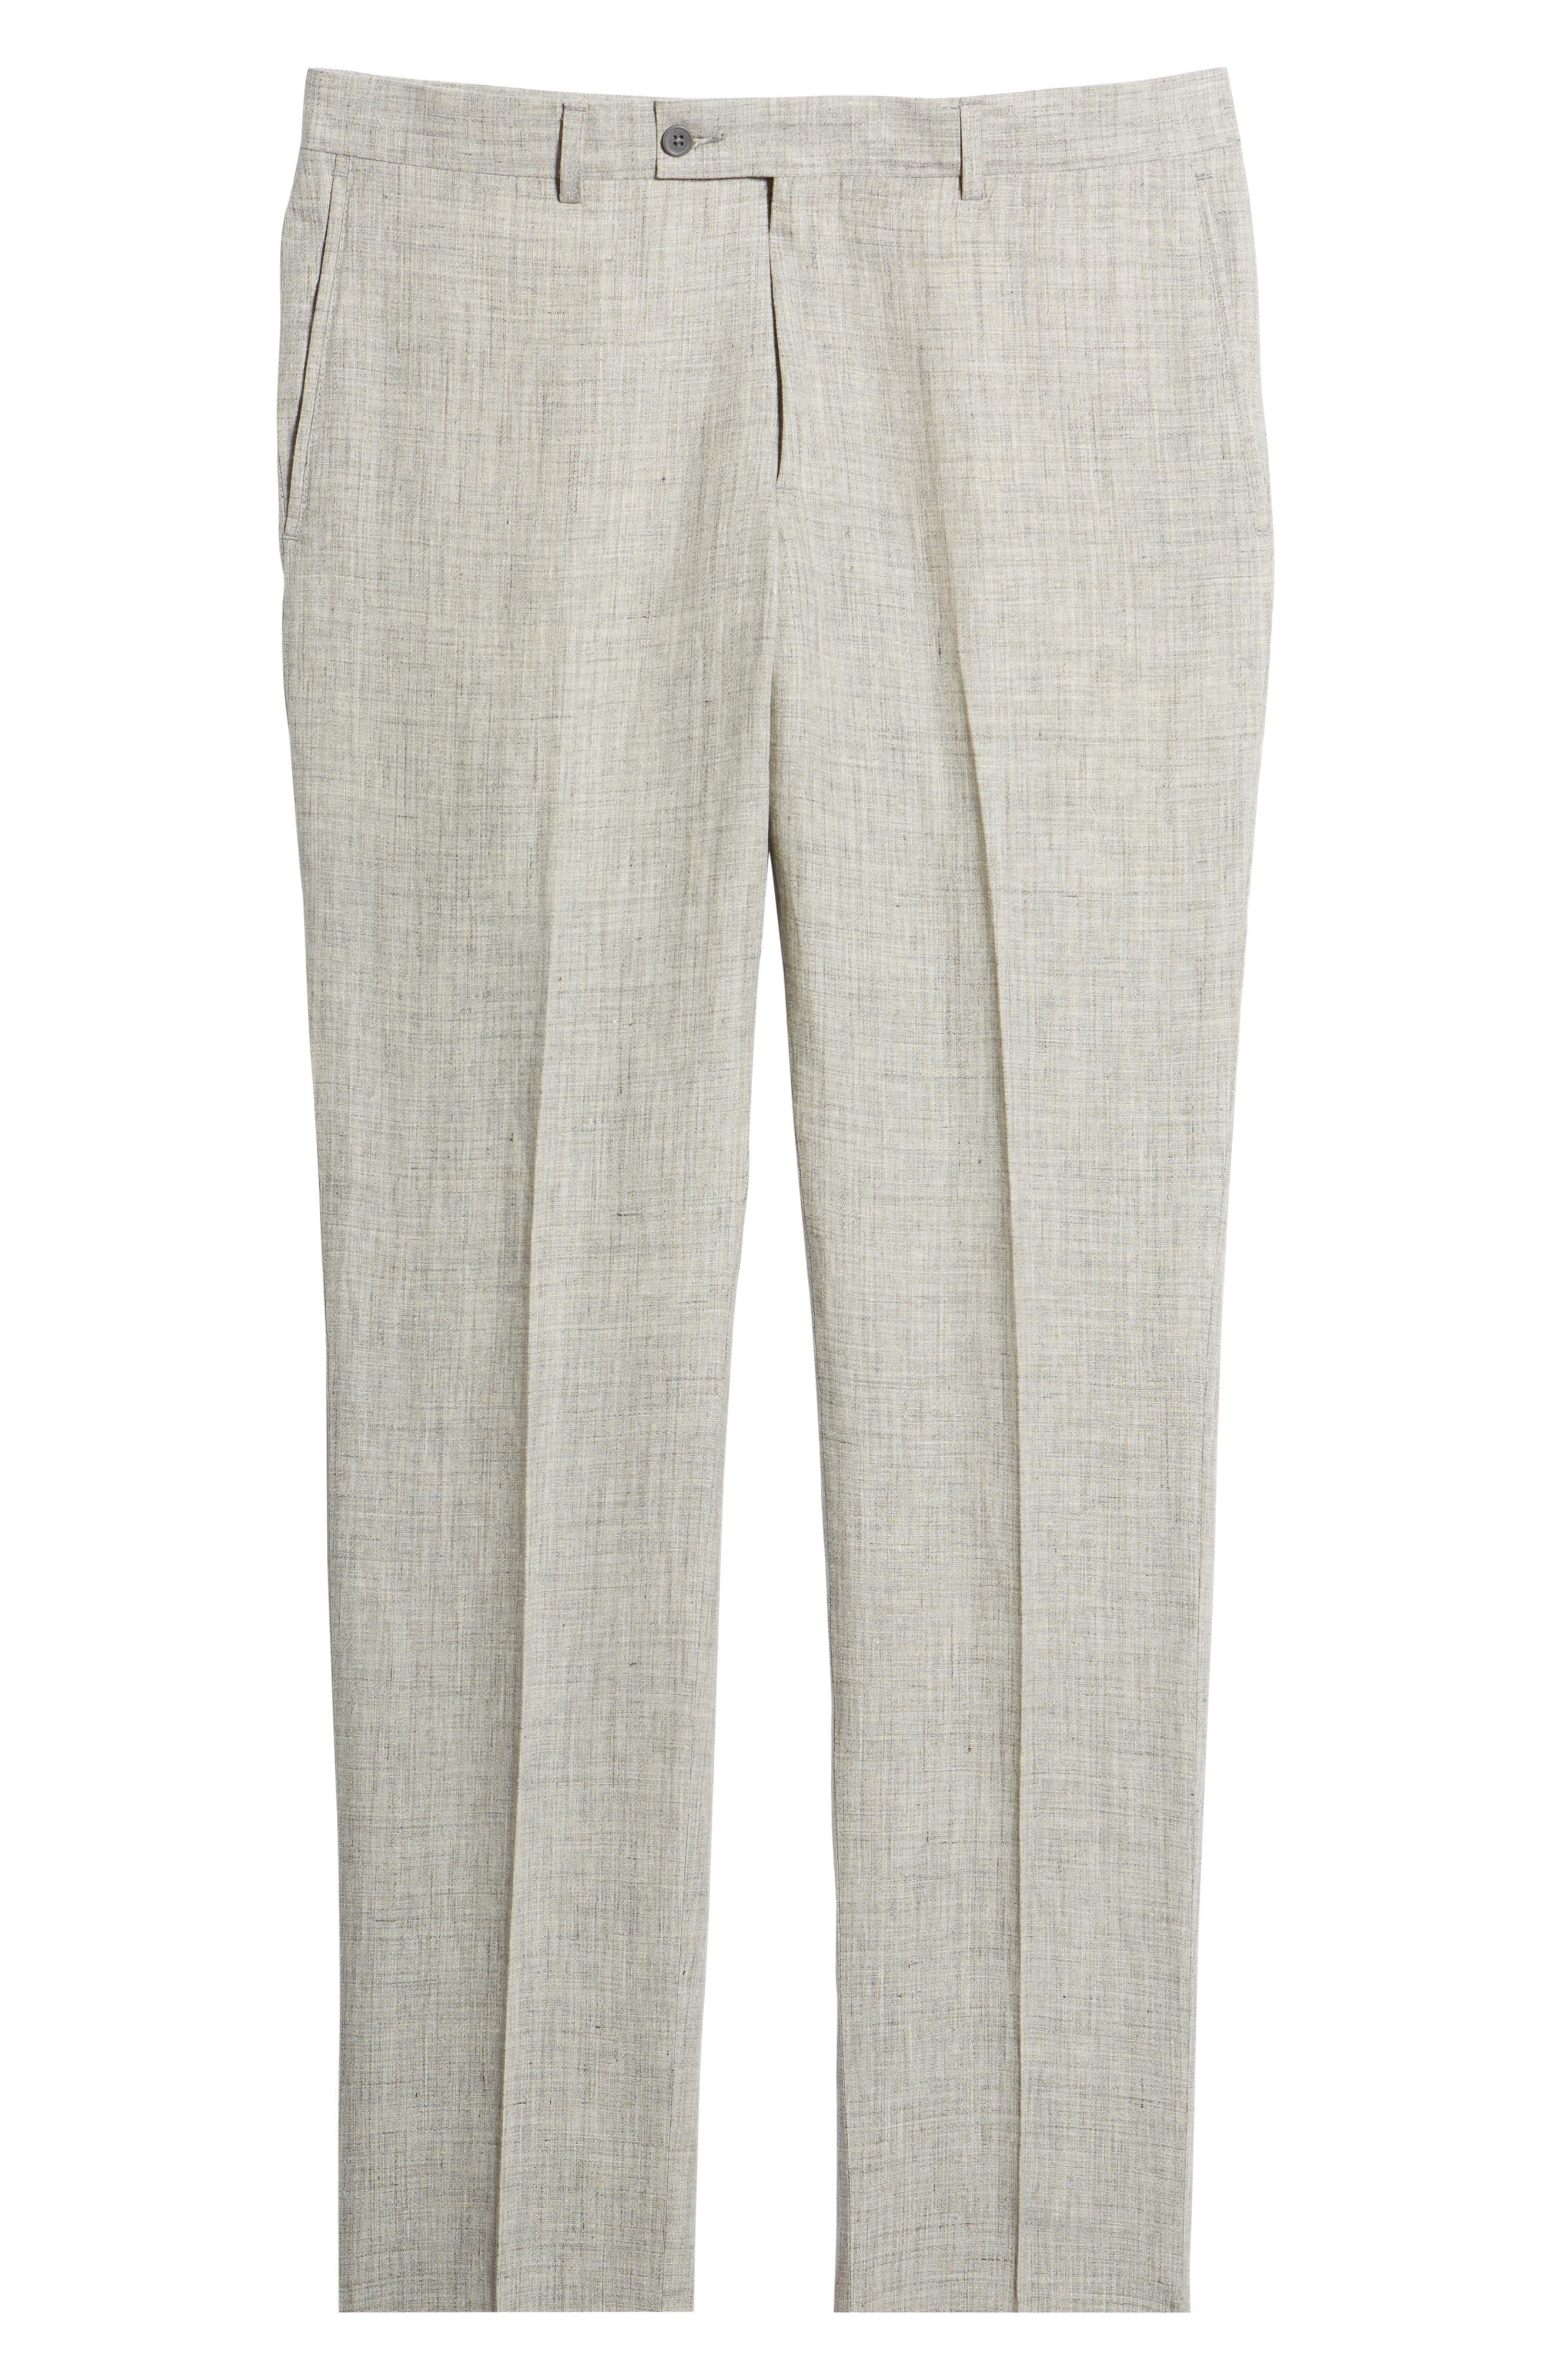 NORDSTROM MEN'S SHOP, Flat Front Mélange Linen Trousers, Alternate thumbnail 7, color, LIGHT GREY